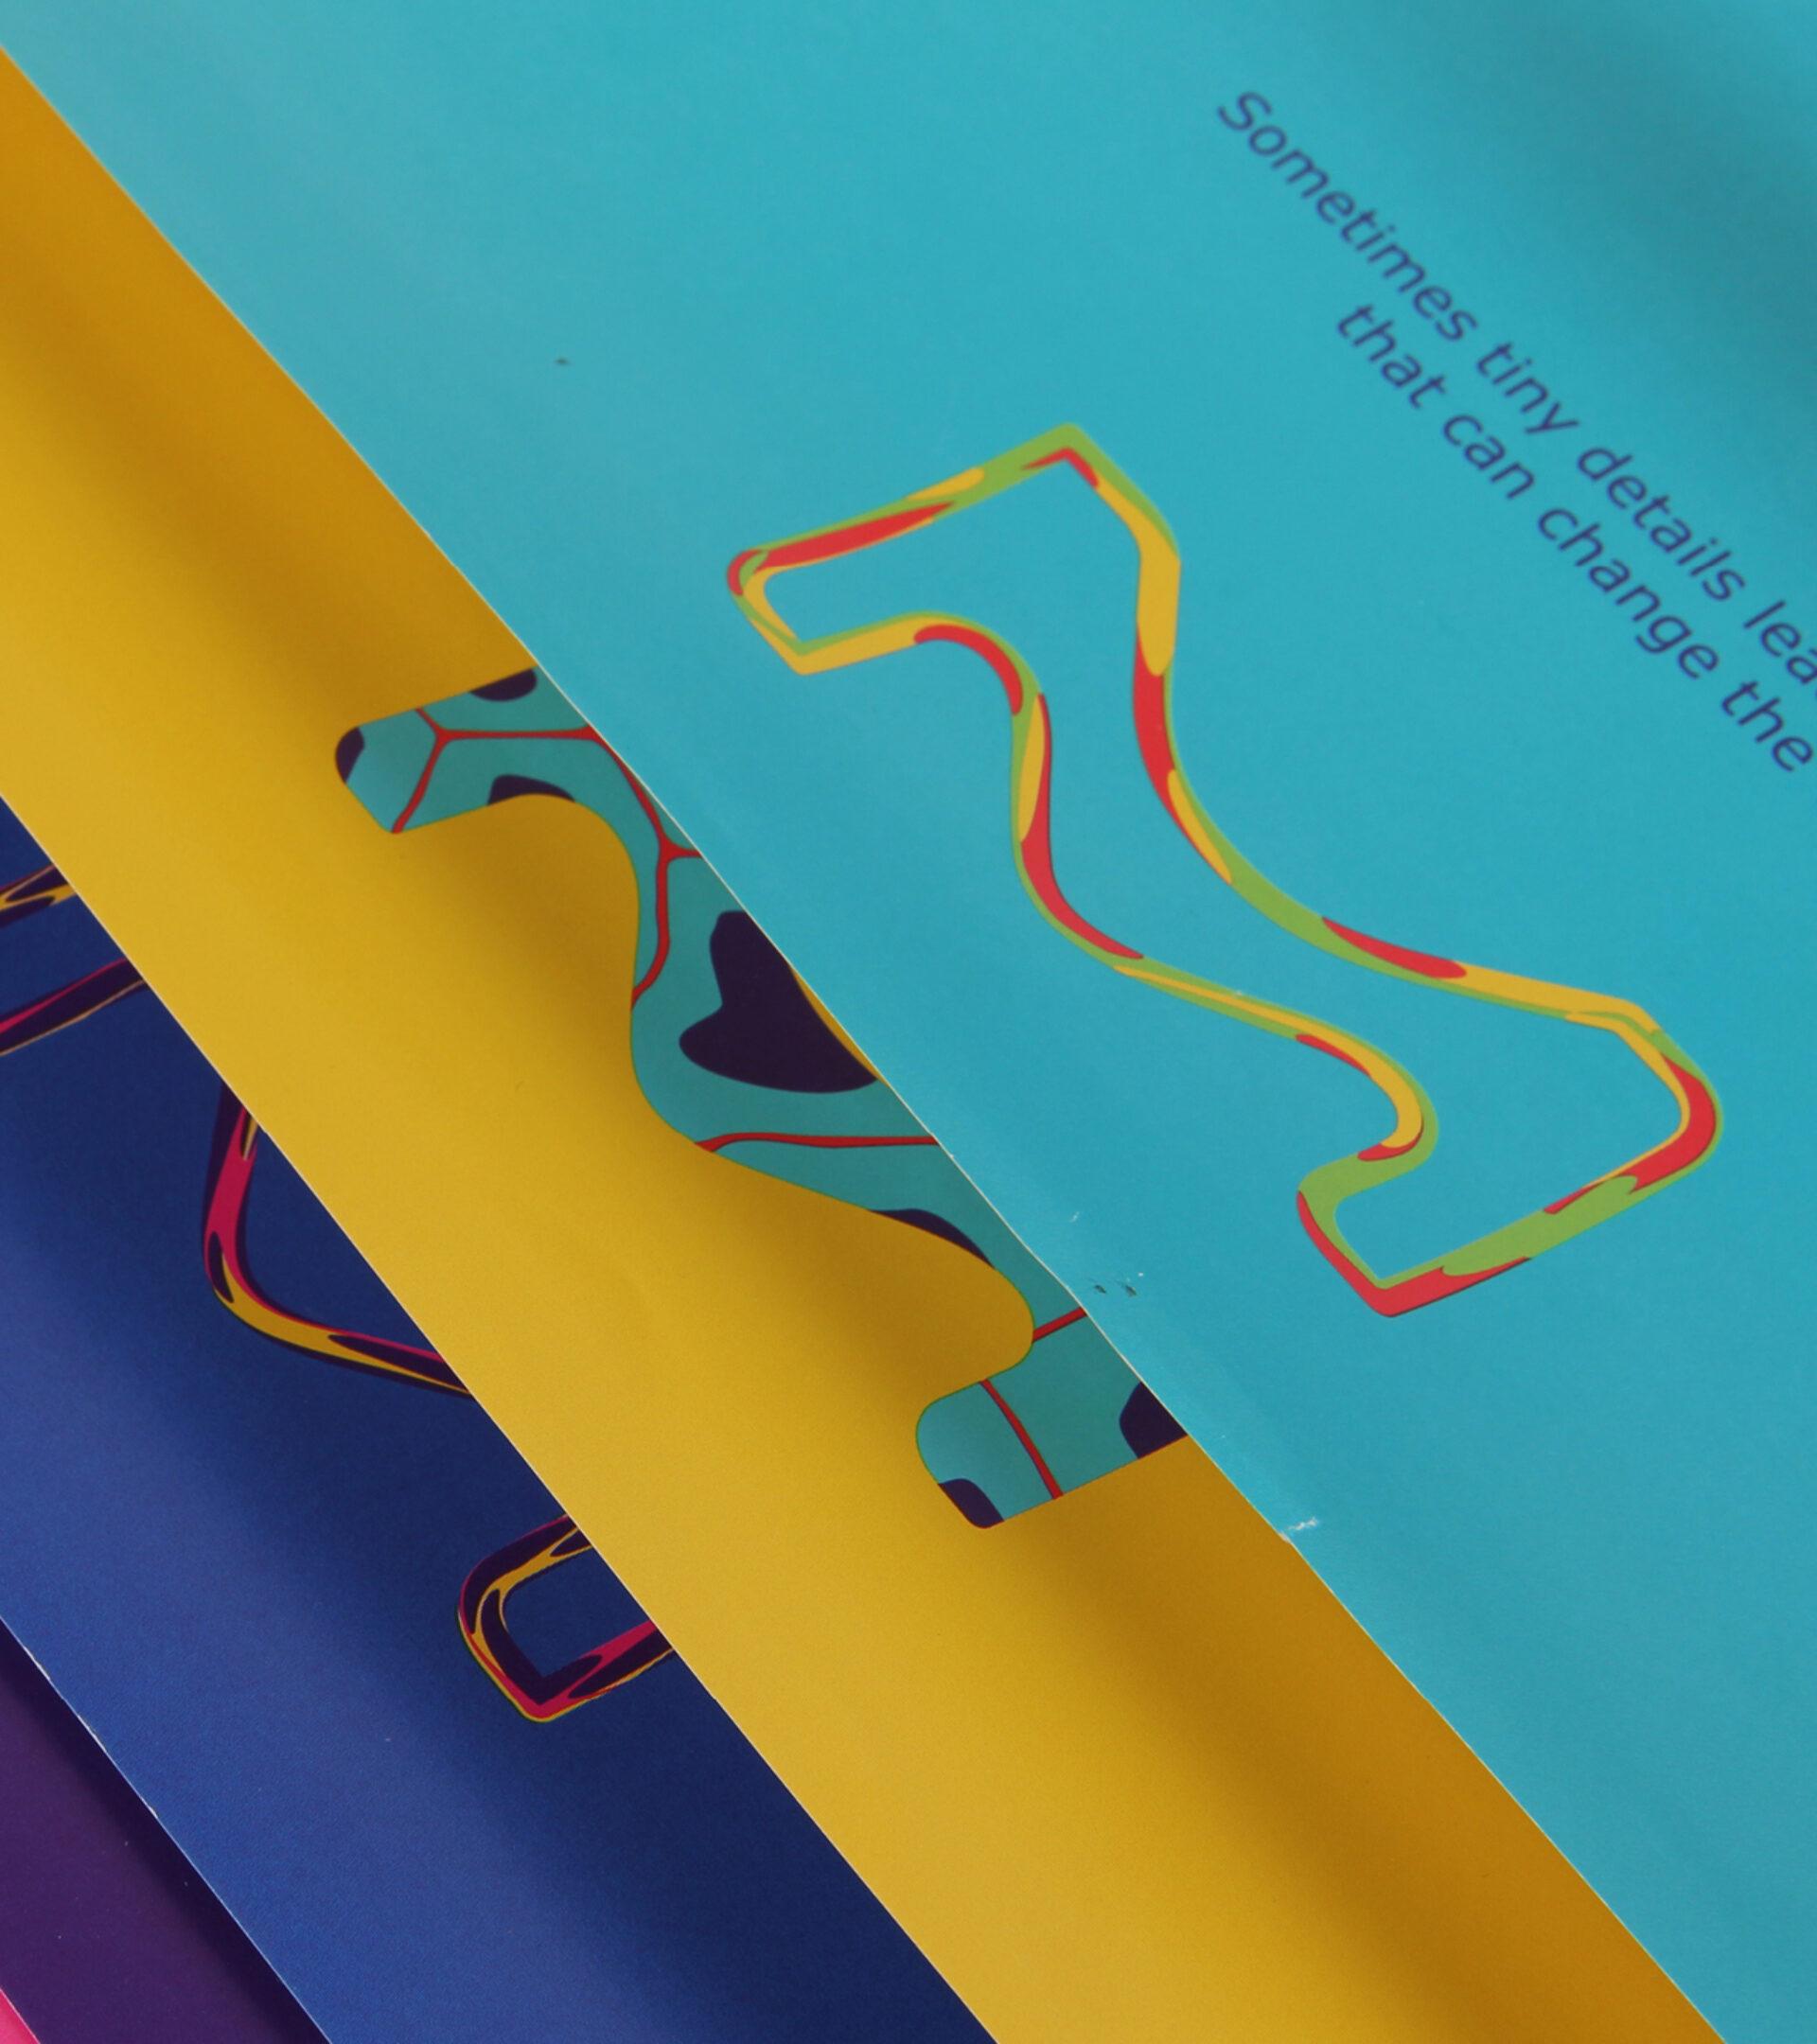 Detailansicht eines hellblauen, gelben, violetten und magentafarbenen Posters mit einem bunten Merck M